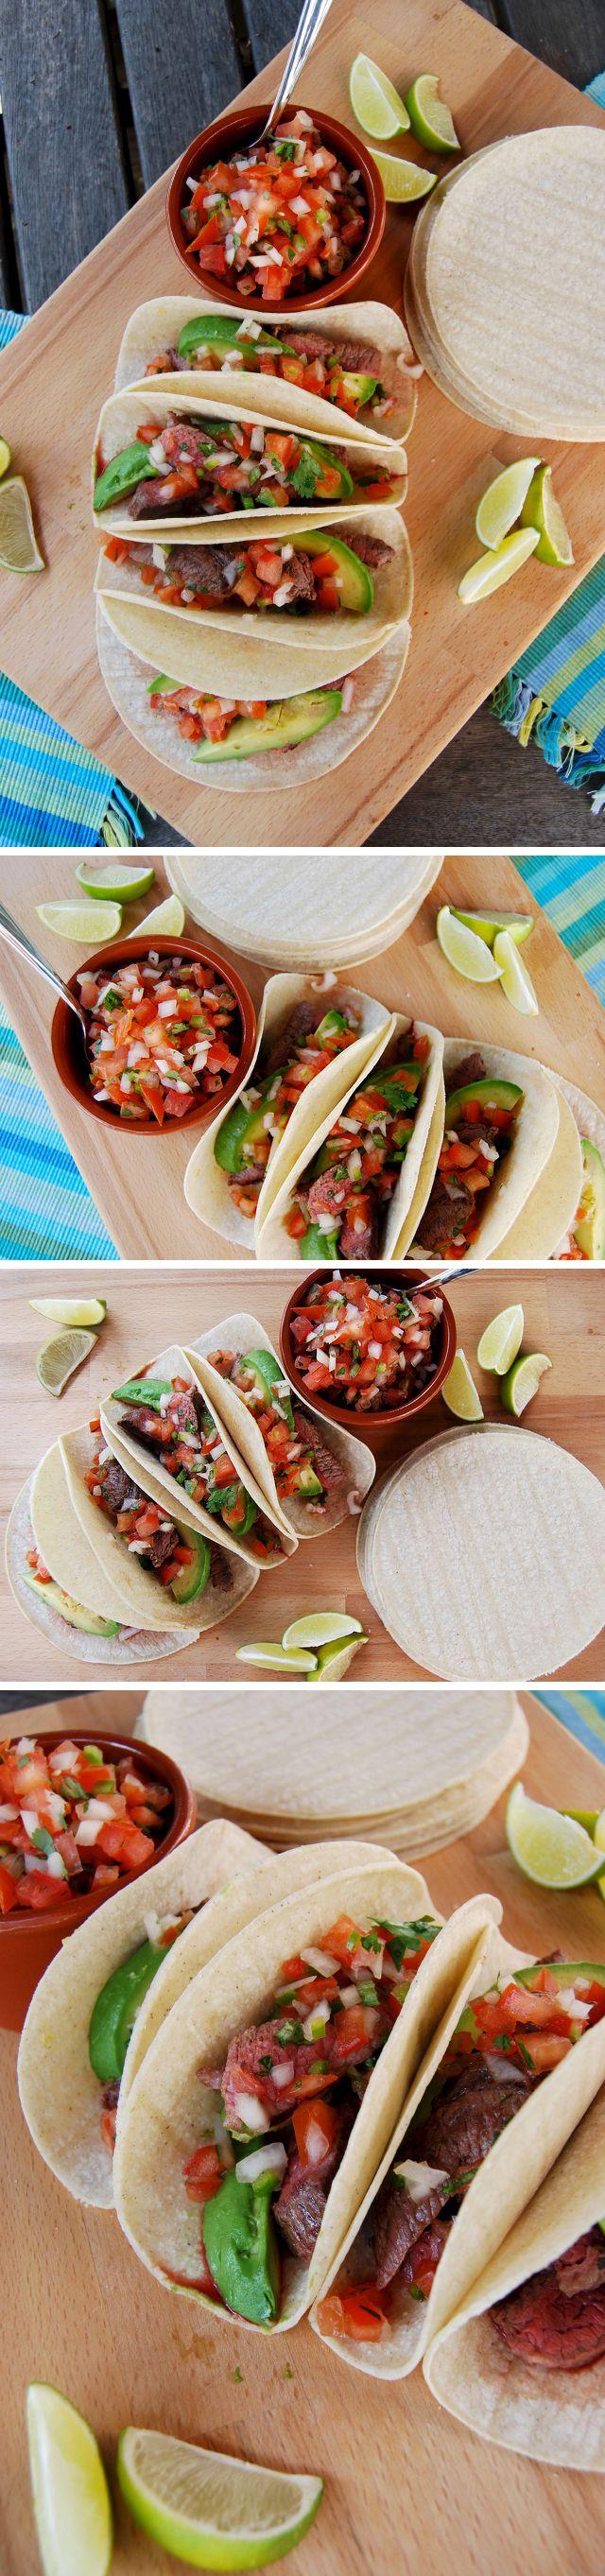 Steak Tacos with Avocado & Pico de Gallo Salsa | www.rachelphipps.com @rachelphipps